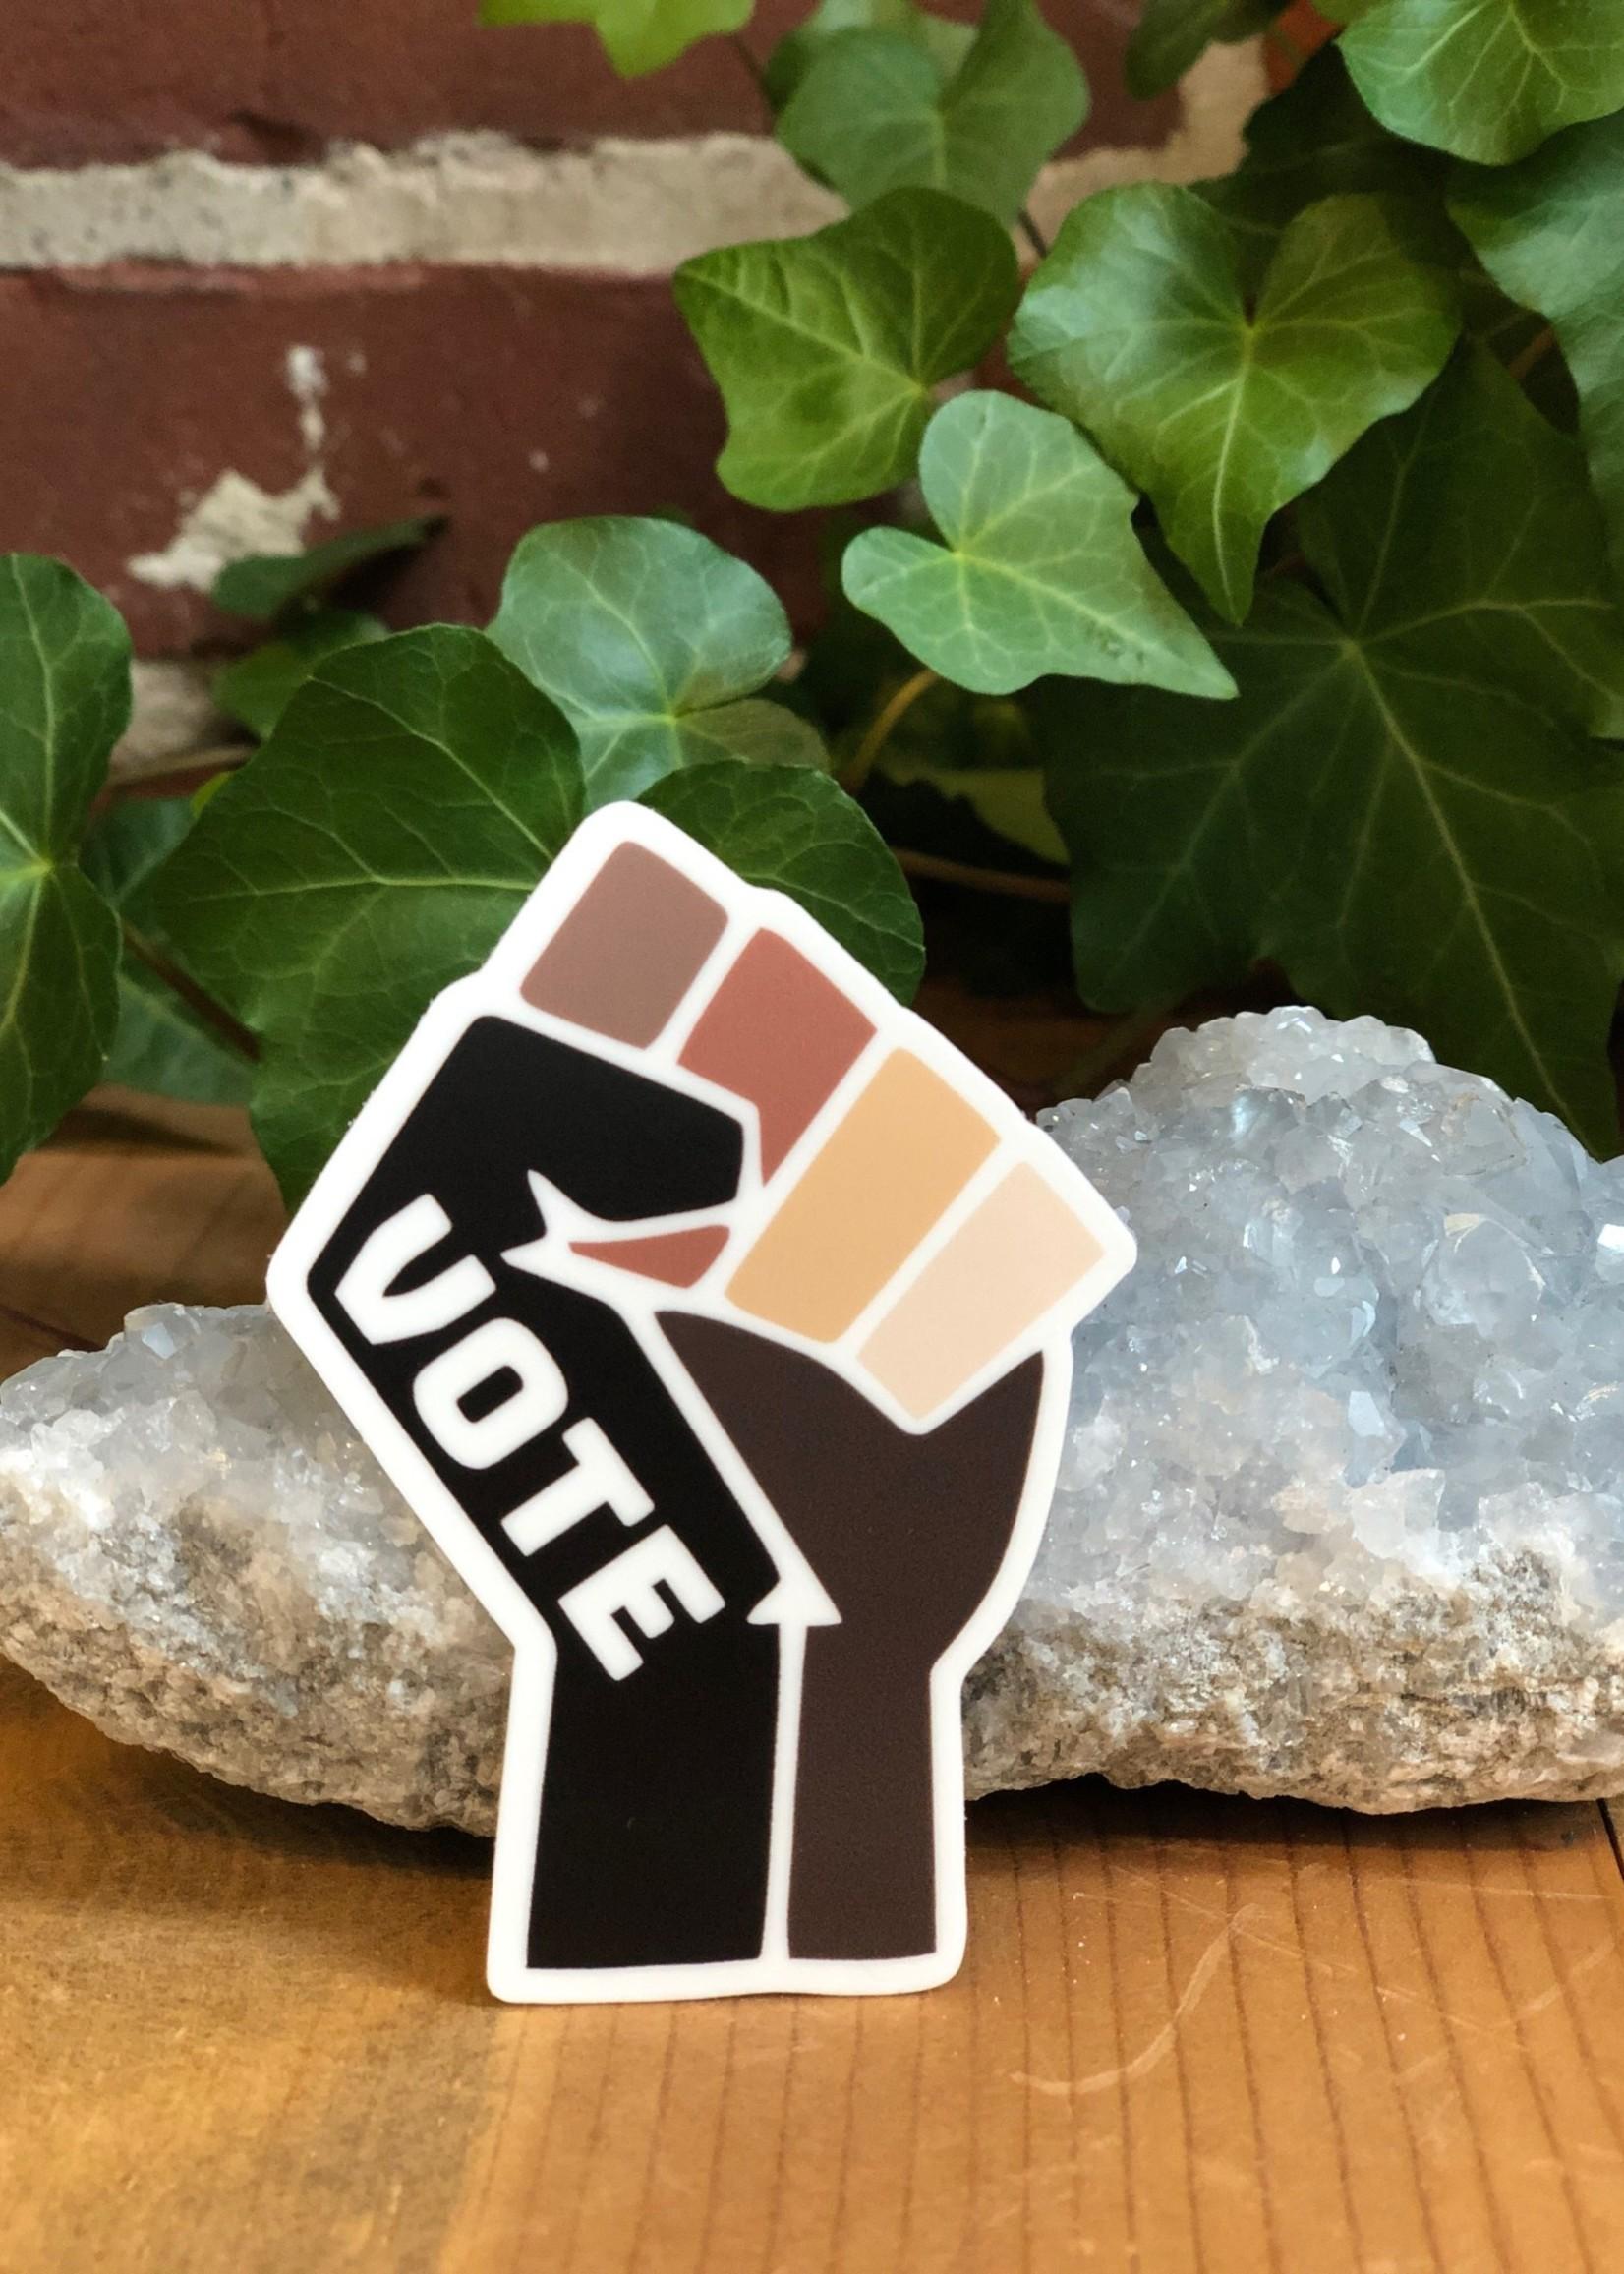 Sticker - Vote